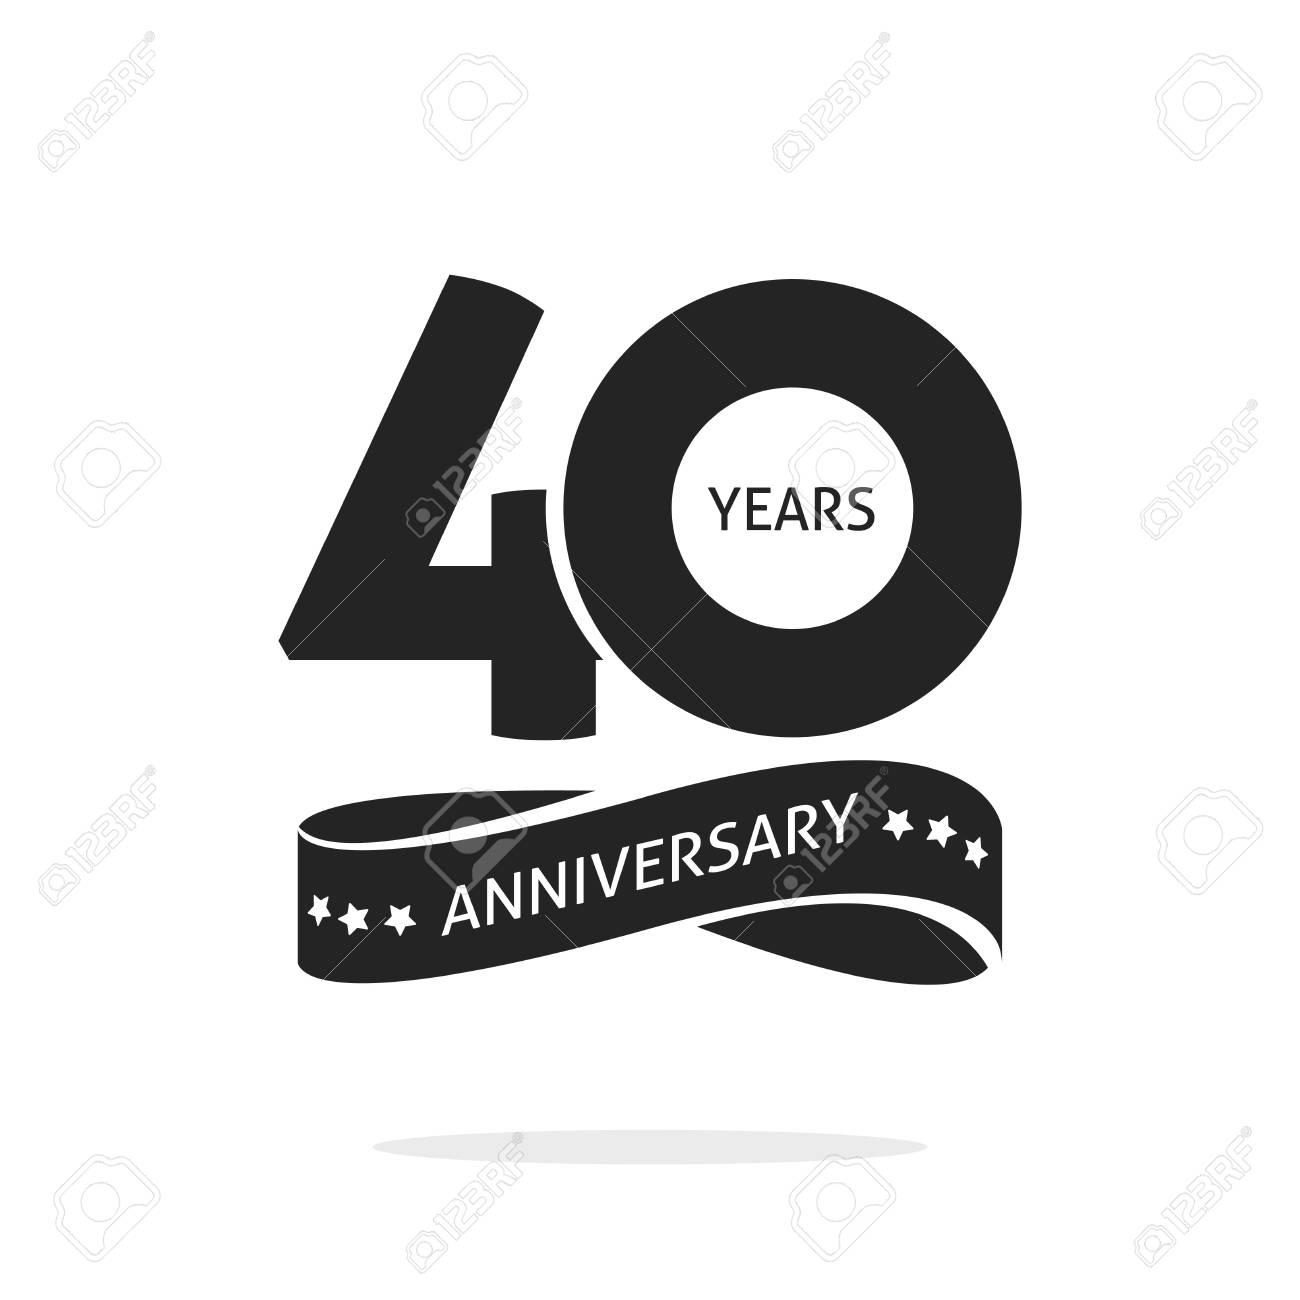 Geliefde 40 Jaar Jubileum Logo Sjabloon Geïsoleerd Op Wit, Zwart En Wit #KX73